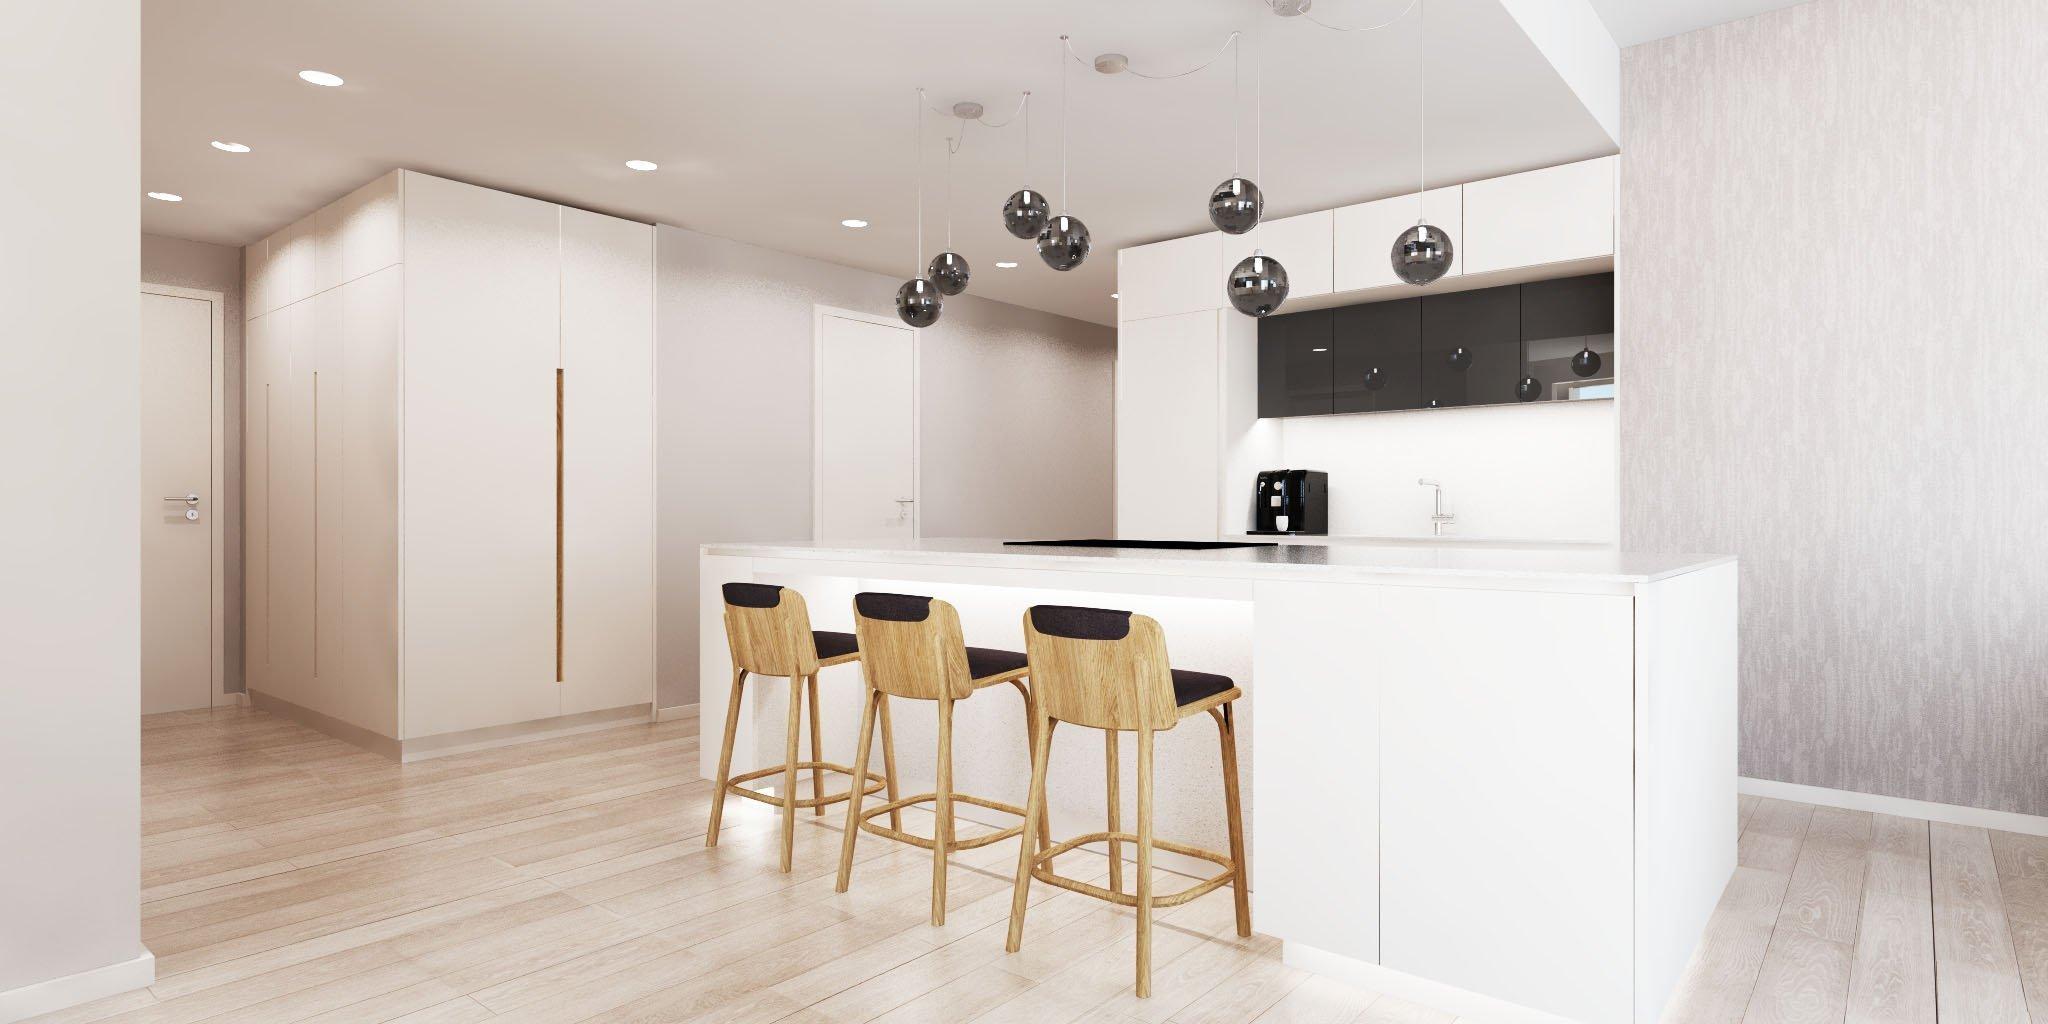 Predstavujeme Vám náš najnovší projekt interiéru bytu vSKY PARK by Zaha Hadid! Nadčasový interiér, originálny dizajn a dôraz kladený na funkčnosť…